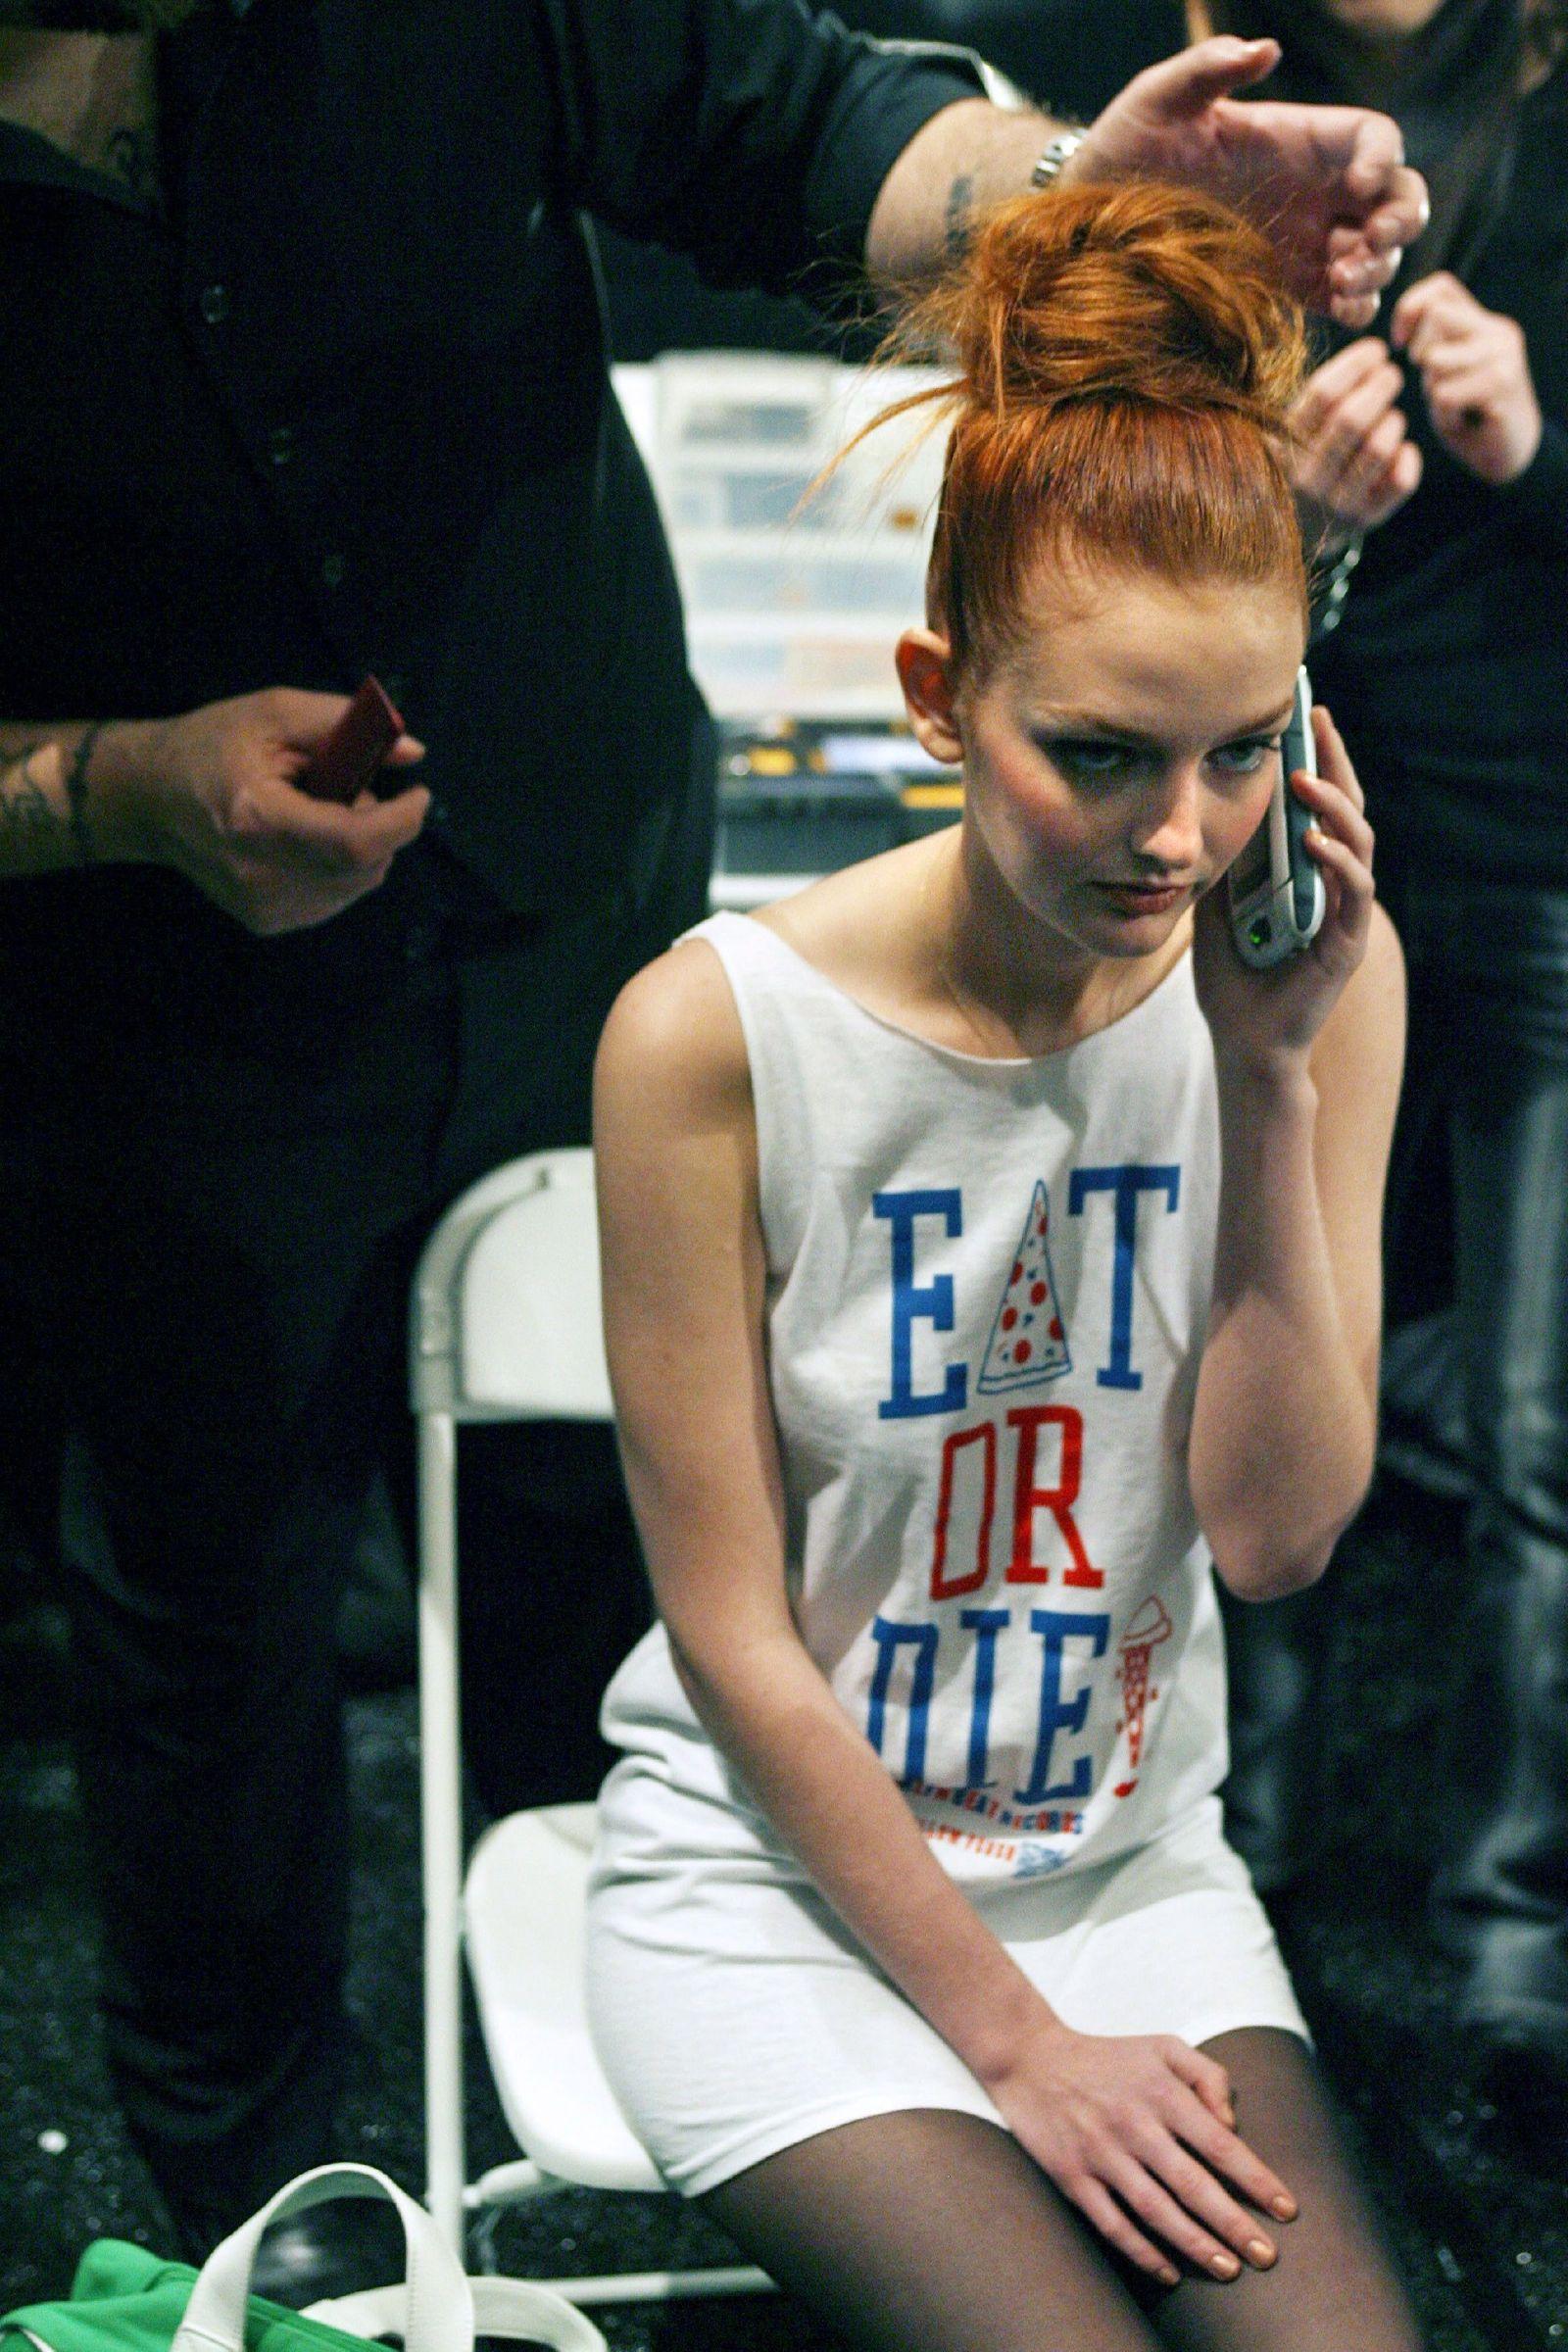 Modewoche New York - Lydia Hurst